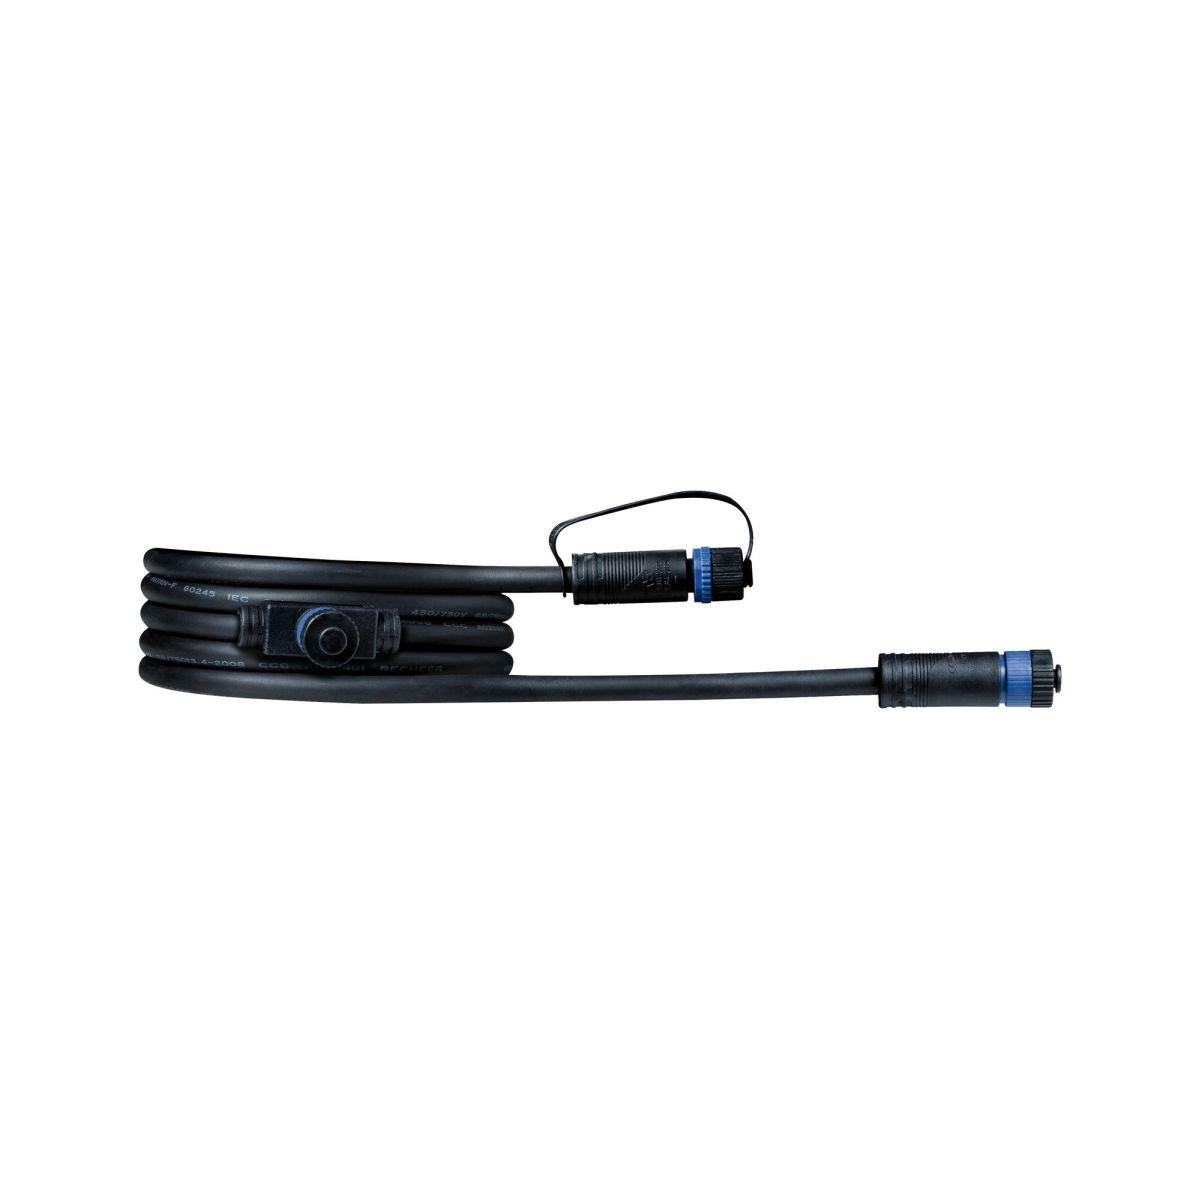 paulmann plug shine kabel zubeh r g nstig kaufen markenbaumarkt24. Black Bedroom Furniture Sets. Home Design Ideas